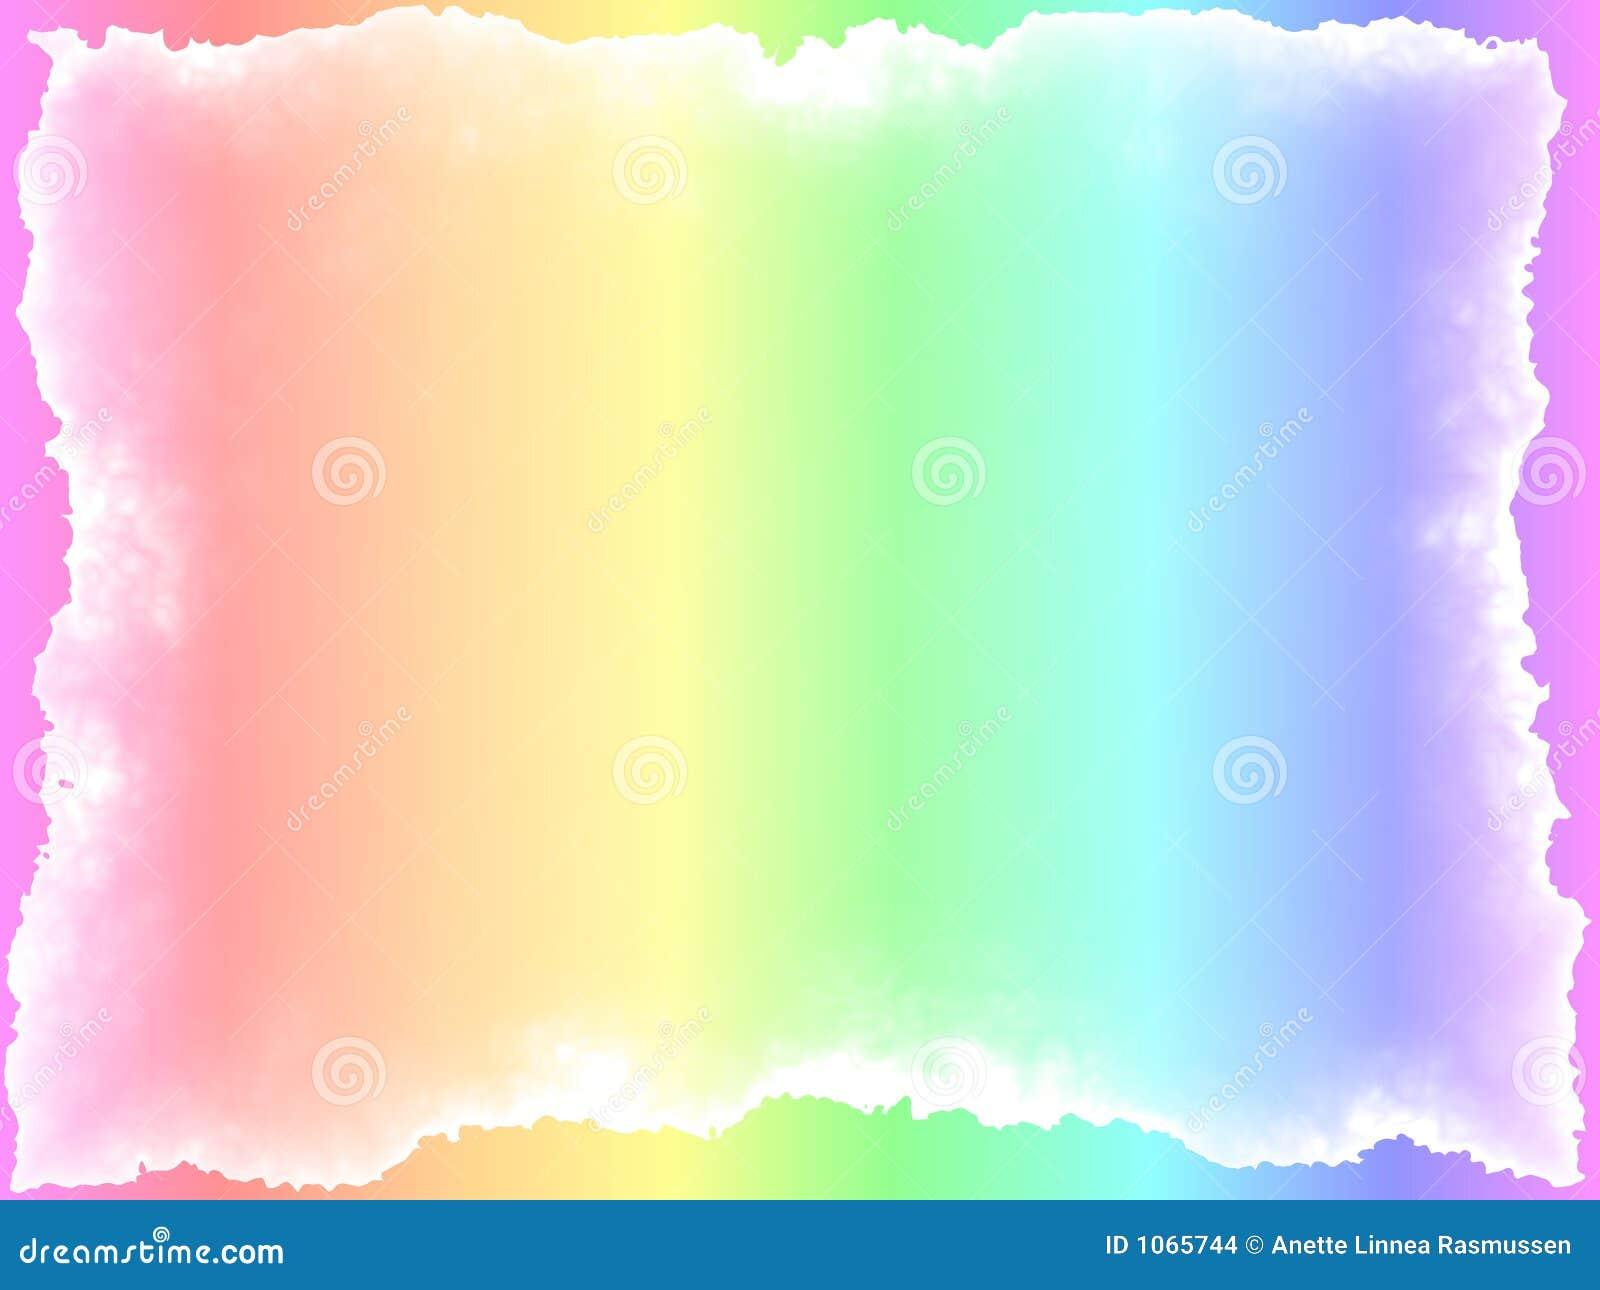 fondos con colores - photo #39